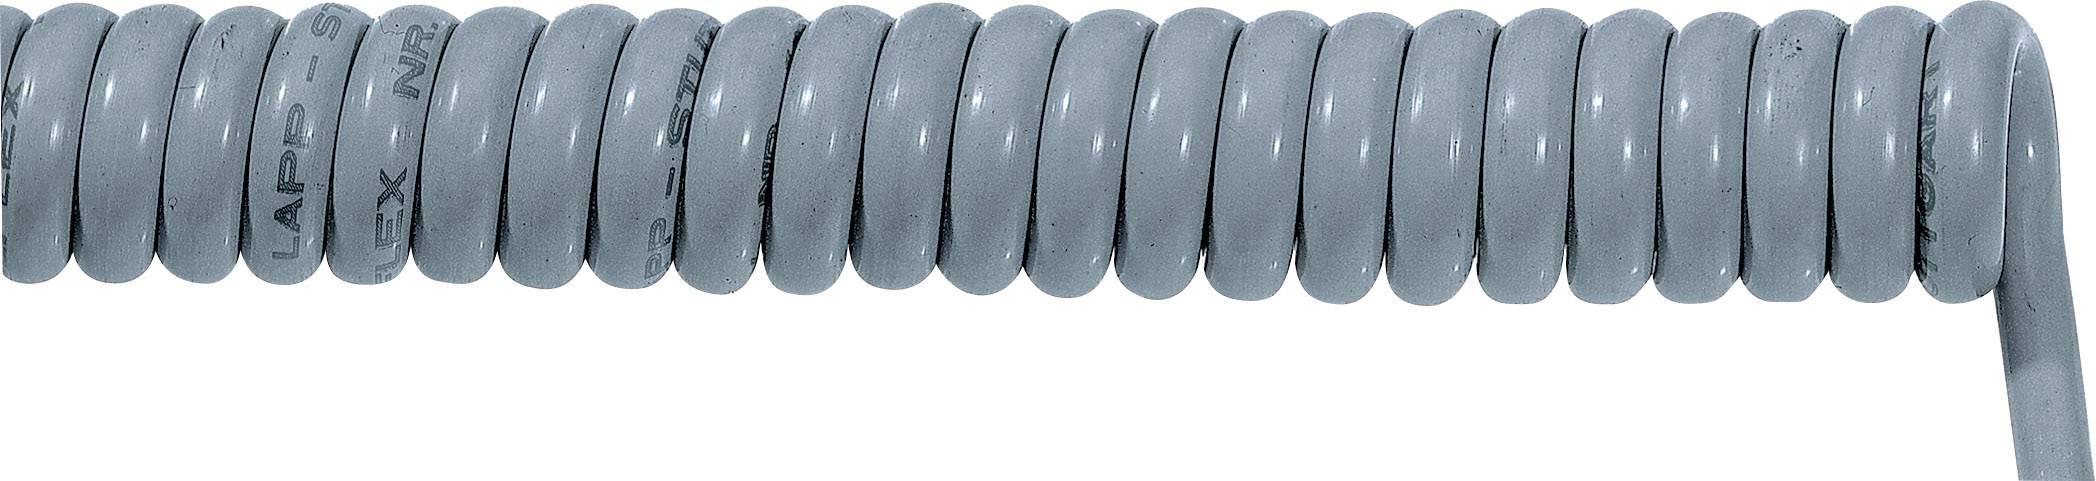 Špirálový kábel 70002734 ÖLFLEX® SPIRAL 400 P 18 x 0.75 mm², 500 mm / 1500 mm, sivá